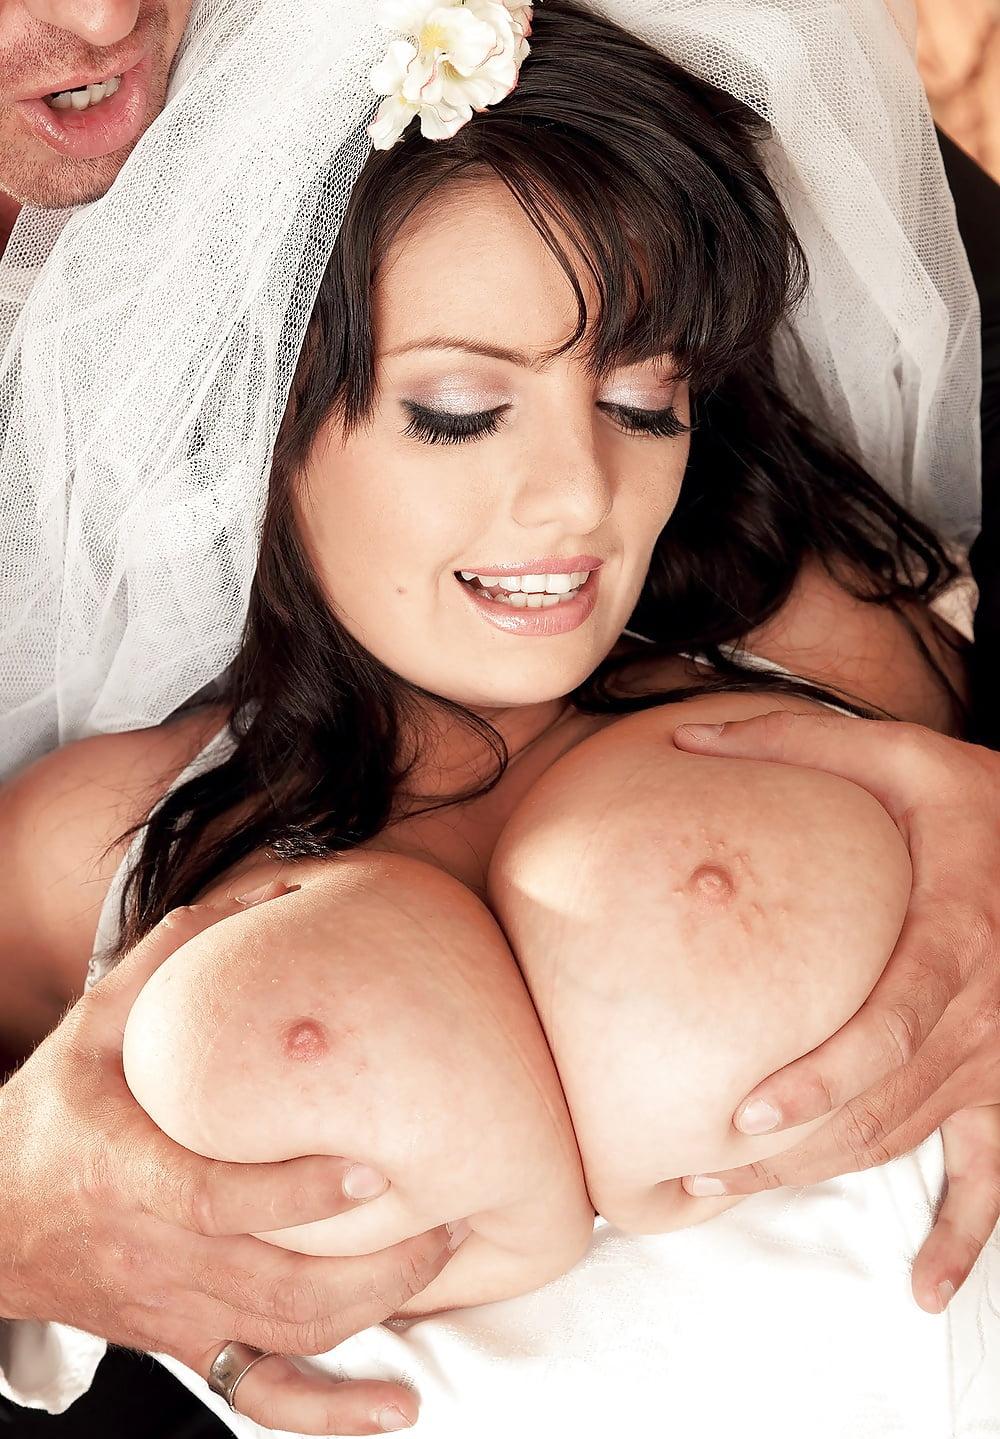 арианна синн сисястая брюнетка порно видео свадебном платье - 5